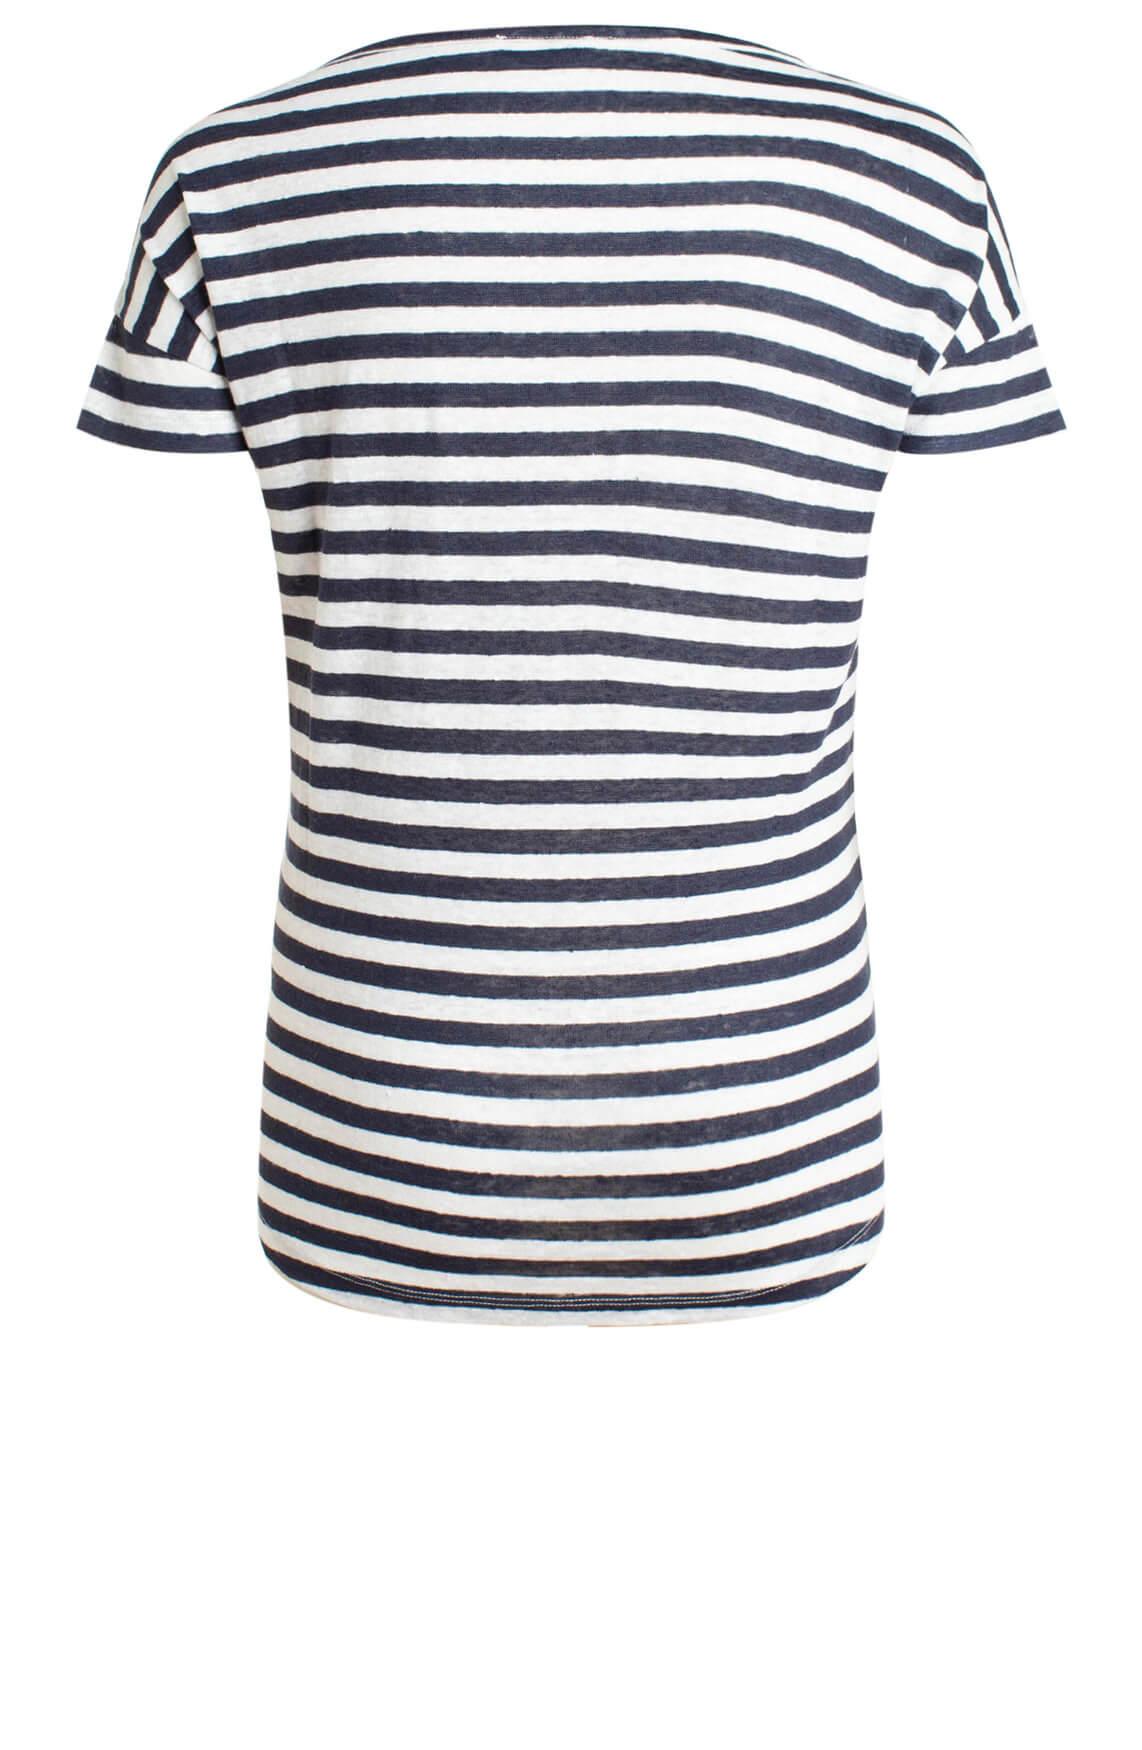 Anna Dames Gestreept linnen shirt Blauw